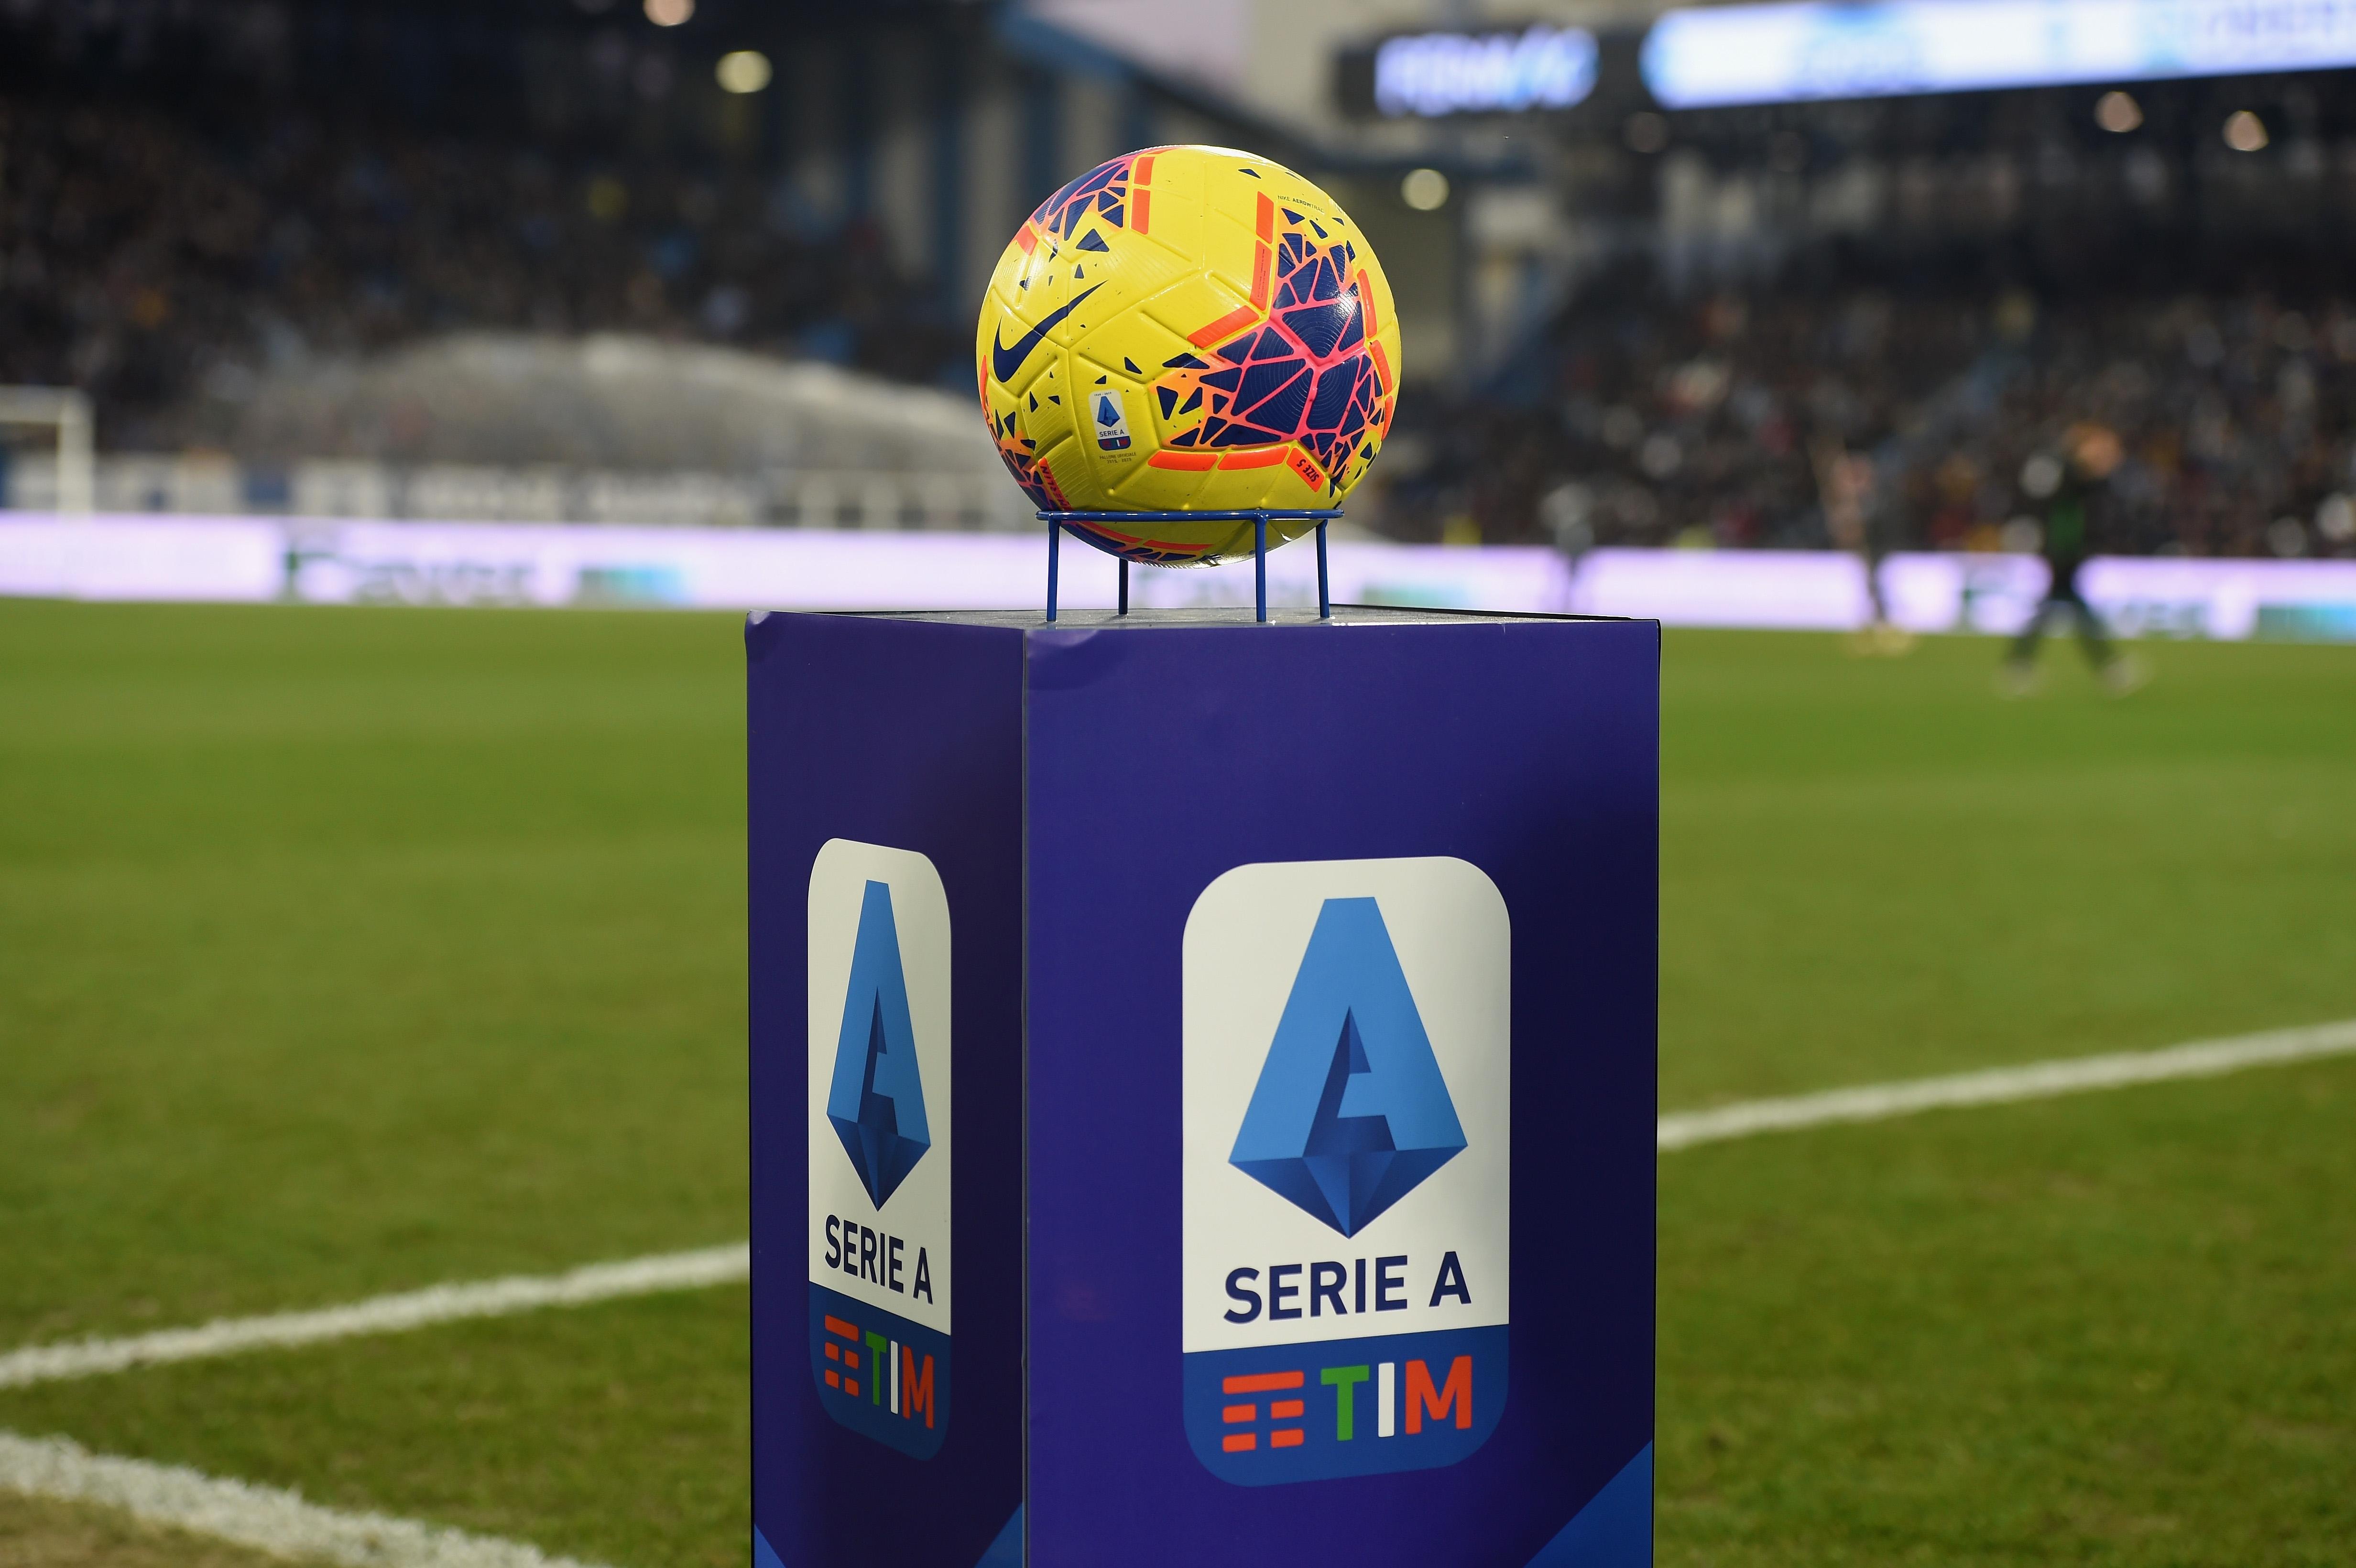 Плановете в Серия А продължават да раждат всякакви варианти за